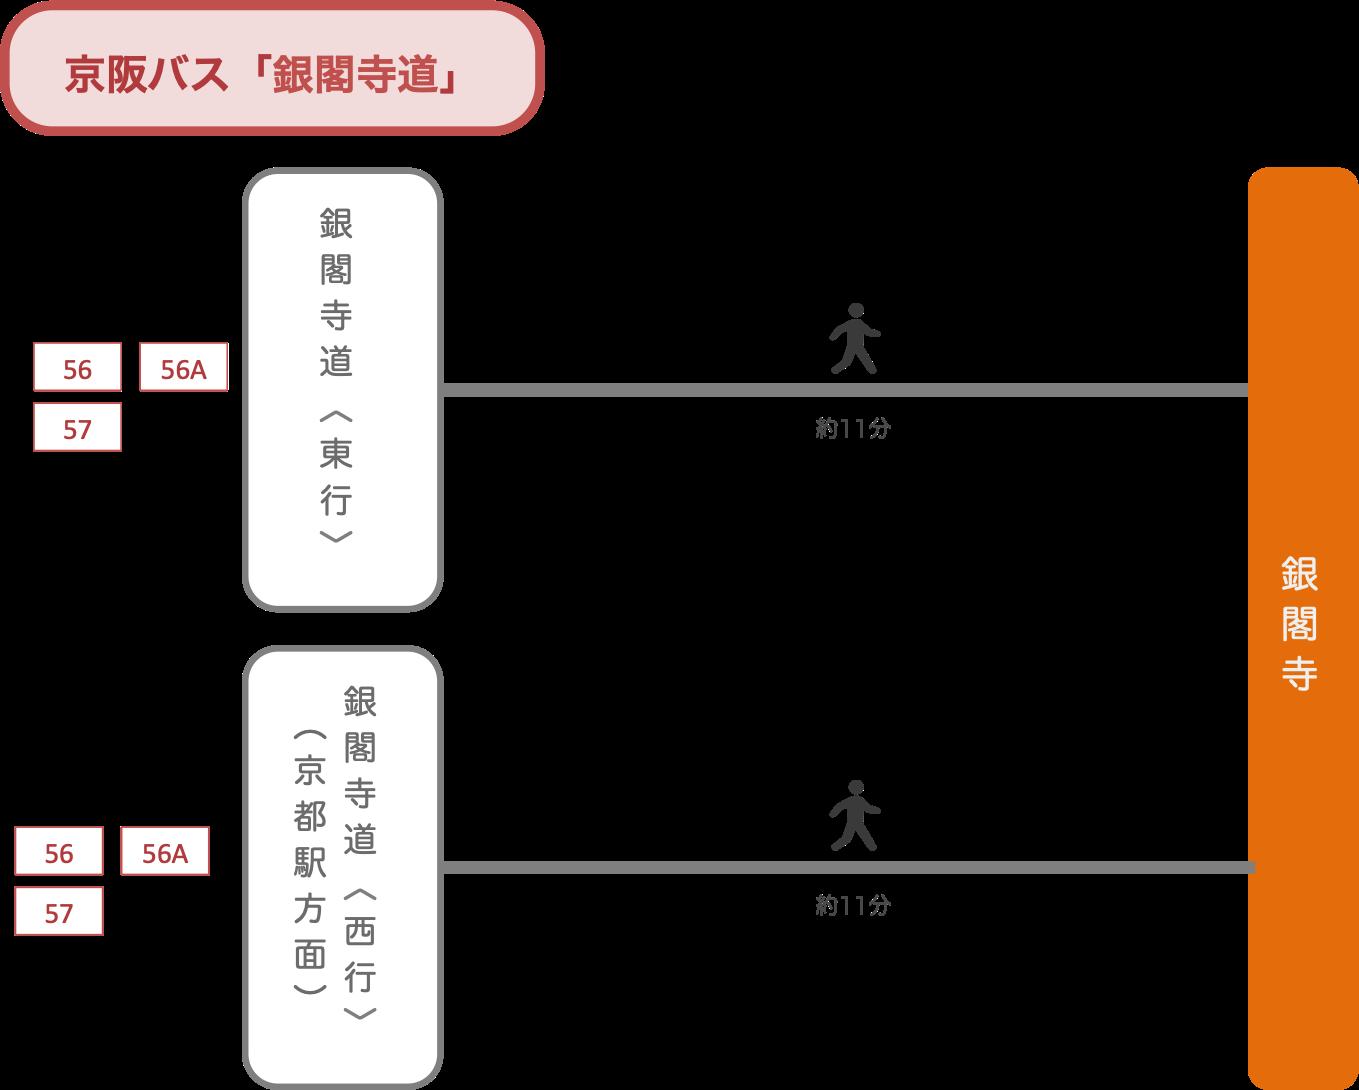 銀閣寺_京阪バス_最寄りバス停_銀閣寺道